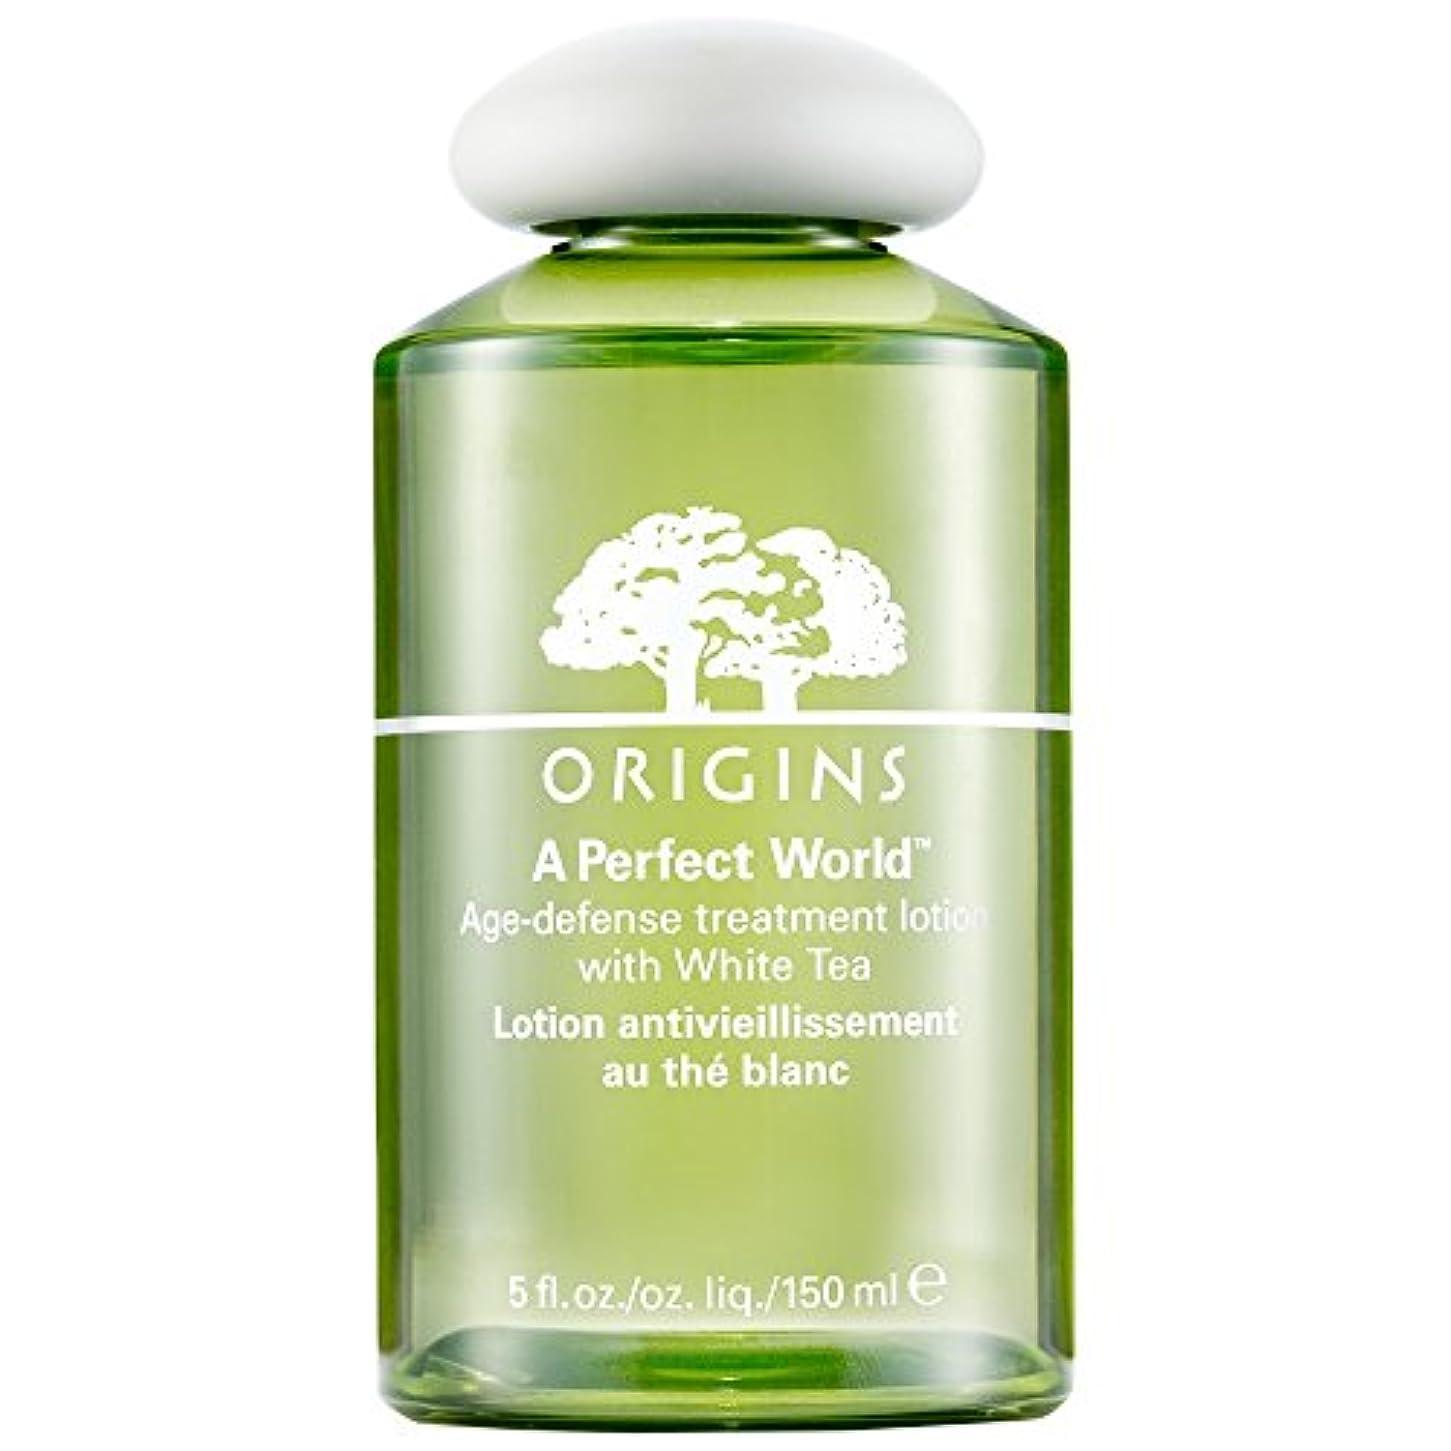 エンジニアリング会議ステッチ起源ホワイトティー、150ミリリットルとの完璧な世界の年齢防衛トリートメントローション (Origins) (x2) - Origins A Perfect World Age Defense Treatment Lotion...